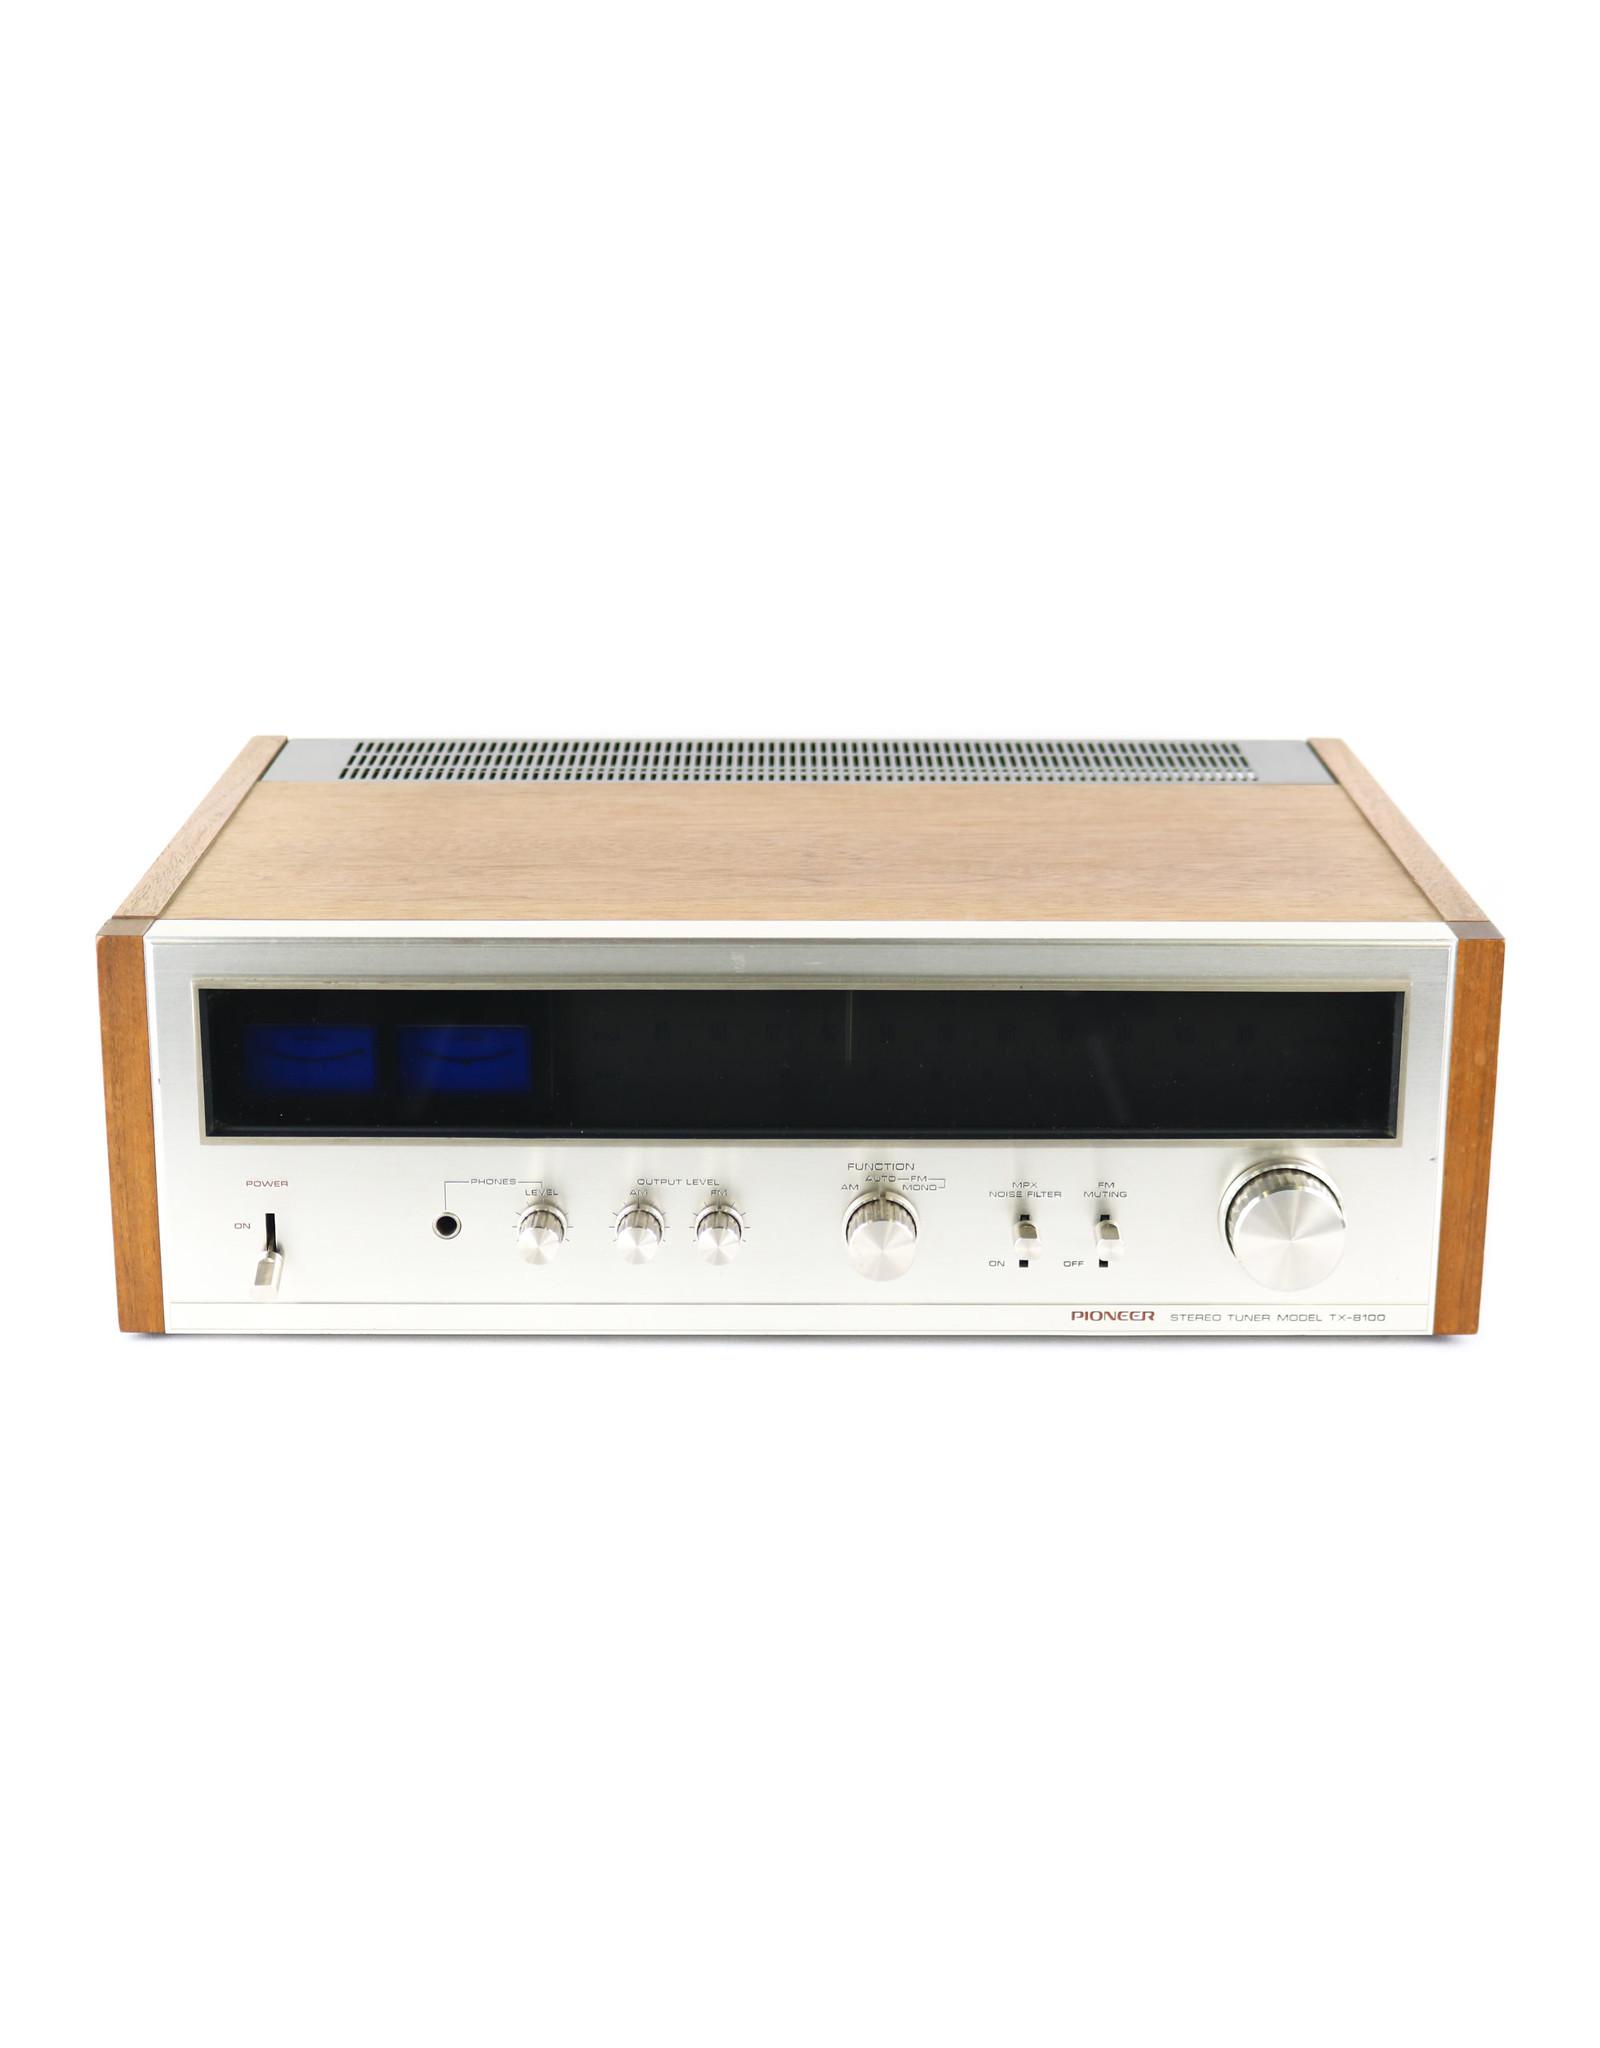 Pioneer Pioneer TX-8100 Tuner USED